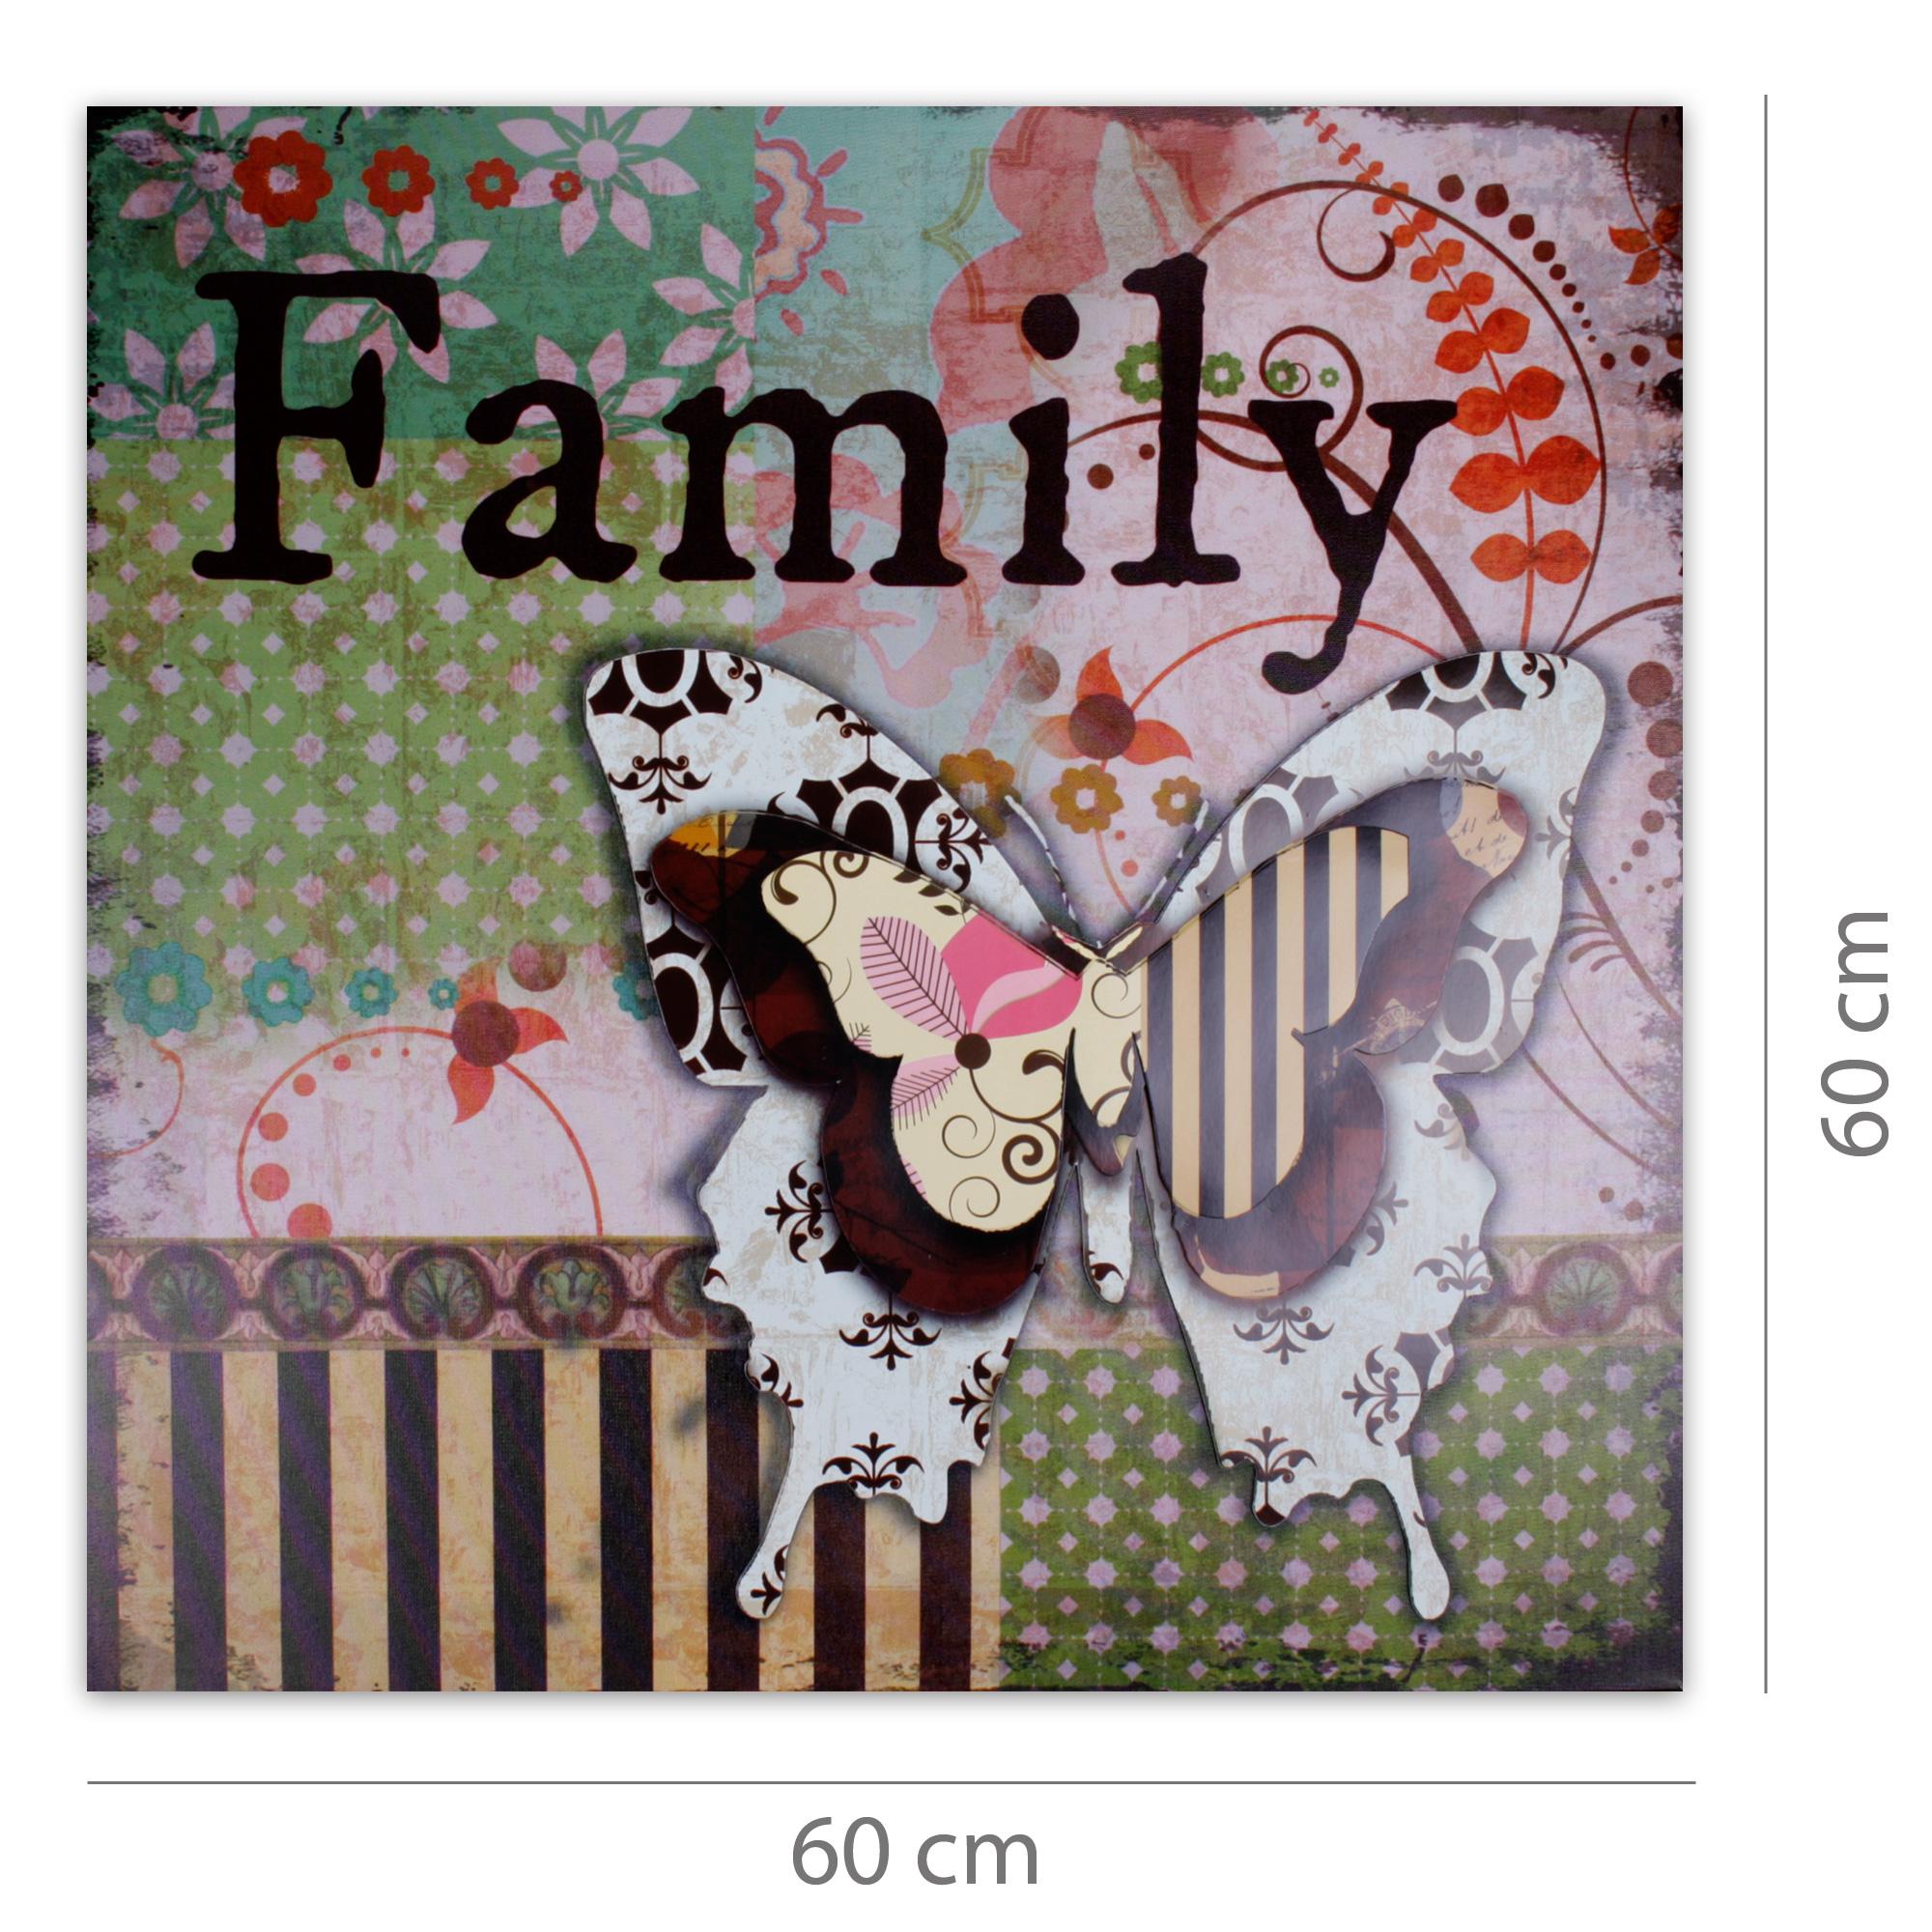 Moderner kunstdruck auf leinwand mit 3d applikationen 60 x 60 cm family - Moderner kunstdruck leinwand ...